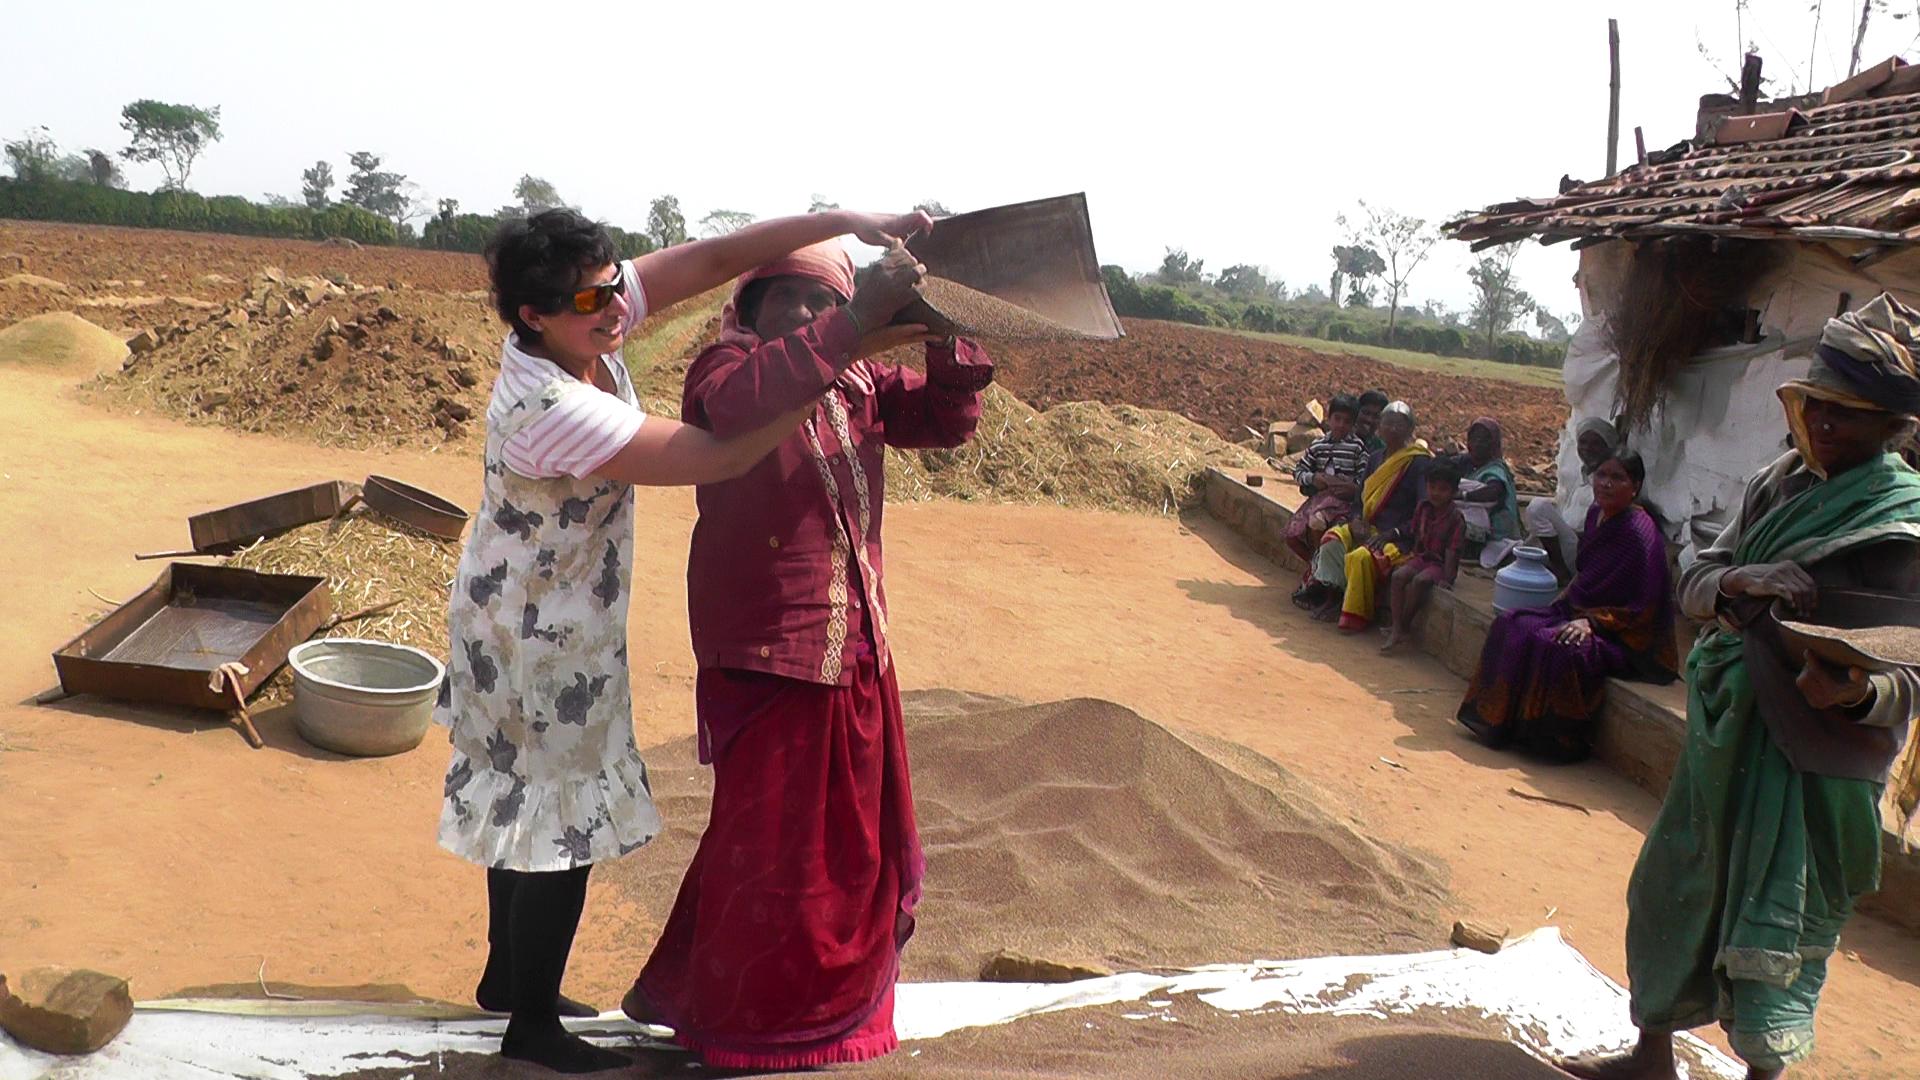 Sita Venkateswar learning to sieve millets while walking.